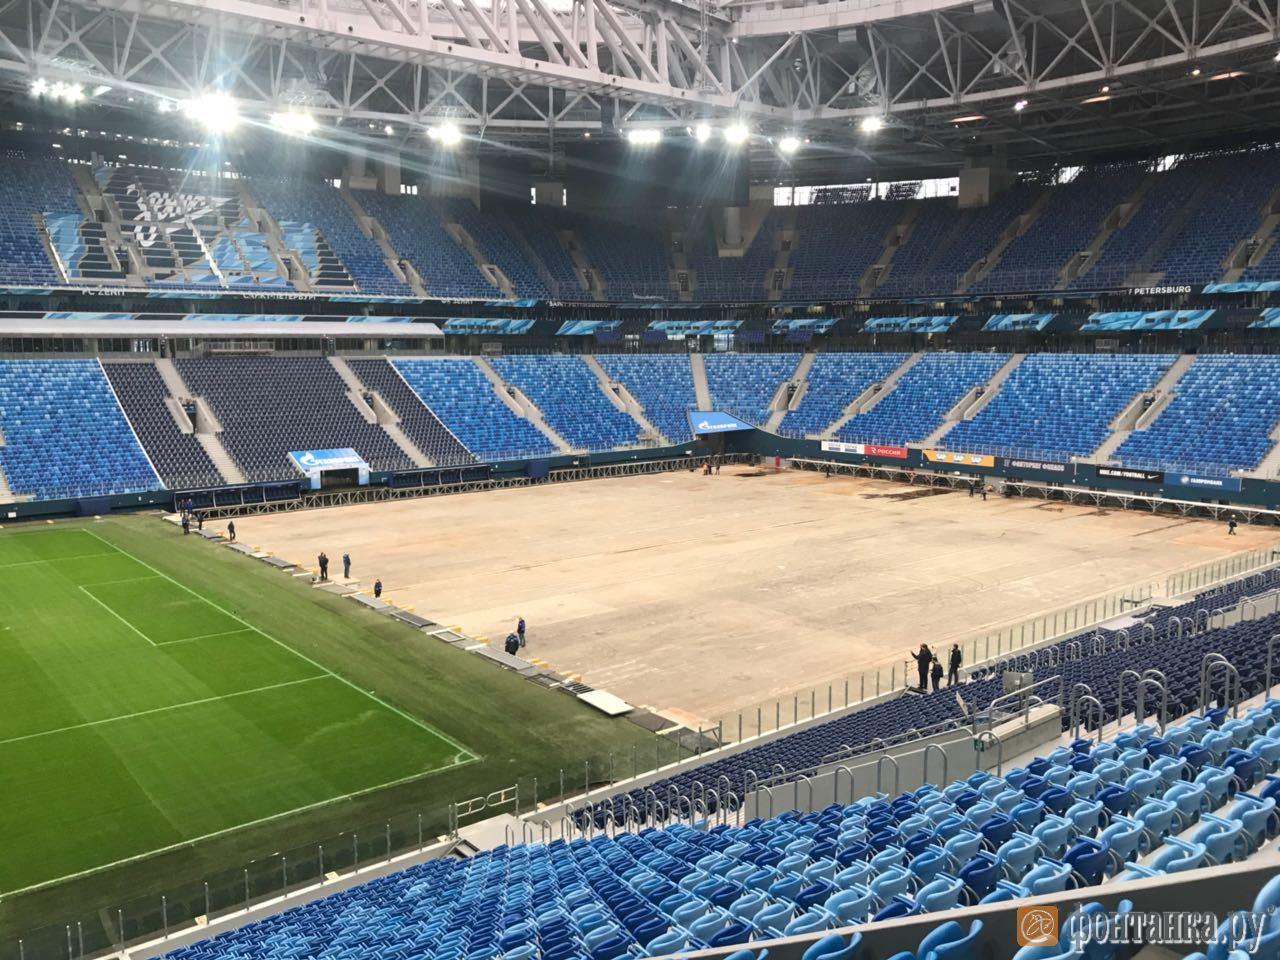 21 апреля на Крестовском острове начали выкатывать поле стадиона. В последний раз оно двигалось в феврале 2017 года.